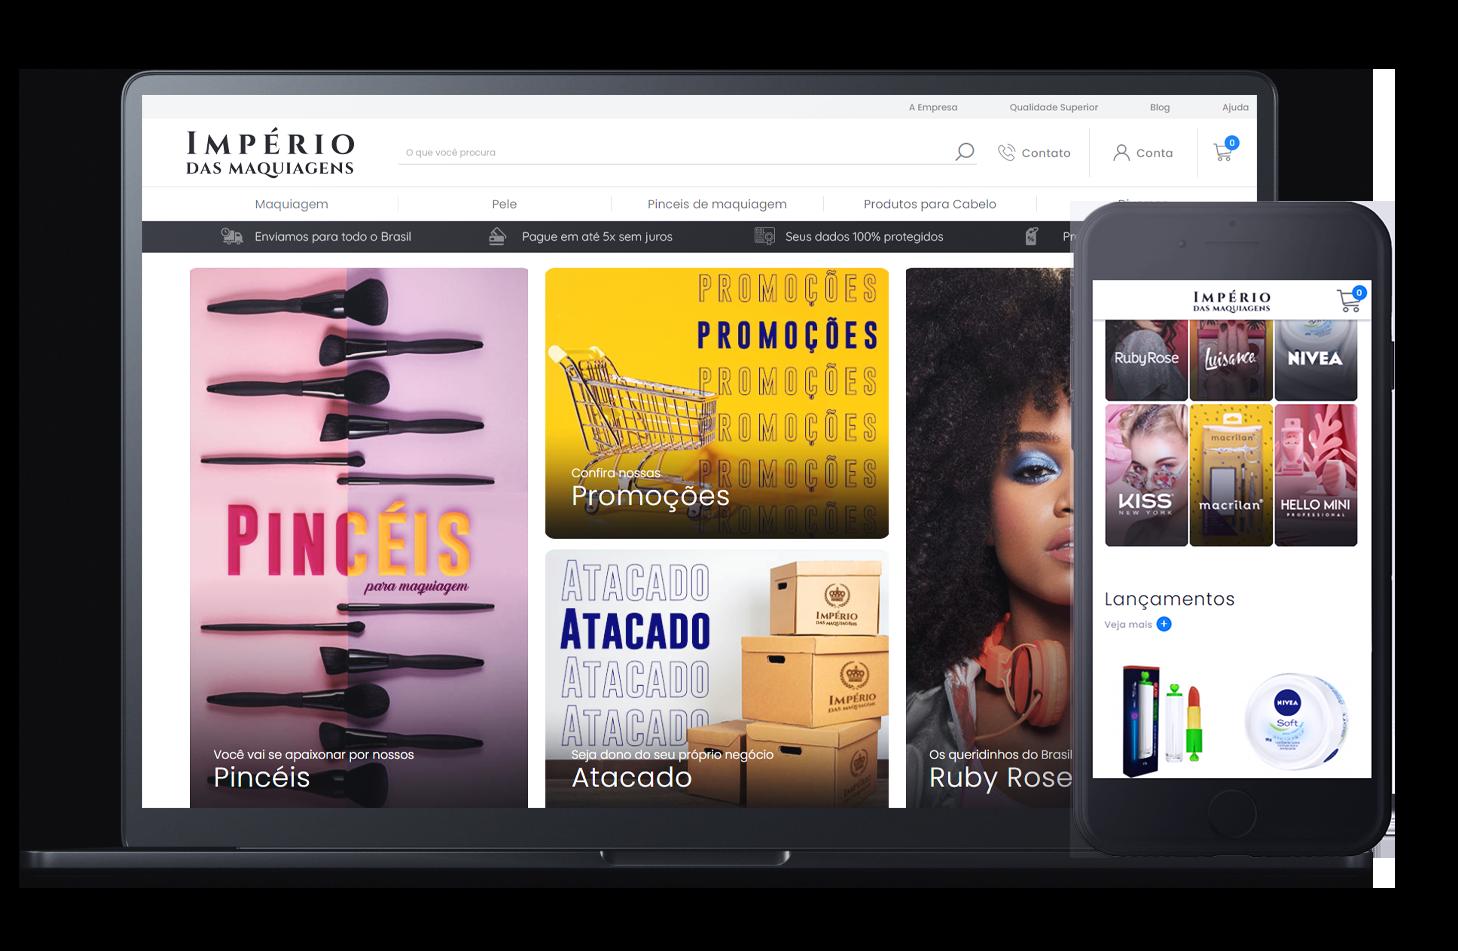 Mockup da loja virtual Império das Maquiagens, desenvolvida com a Plataforma de E-commerce Magento Bis2Bis